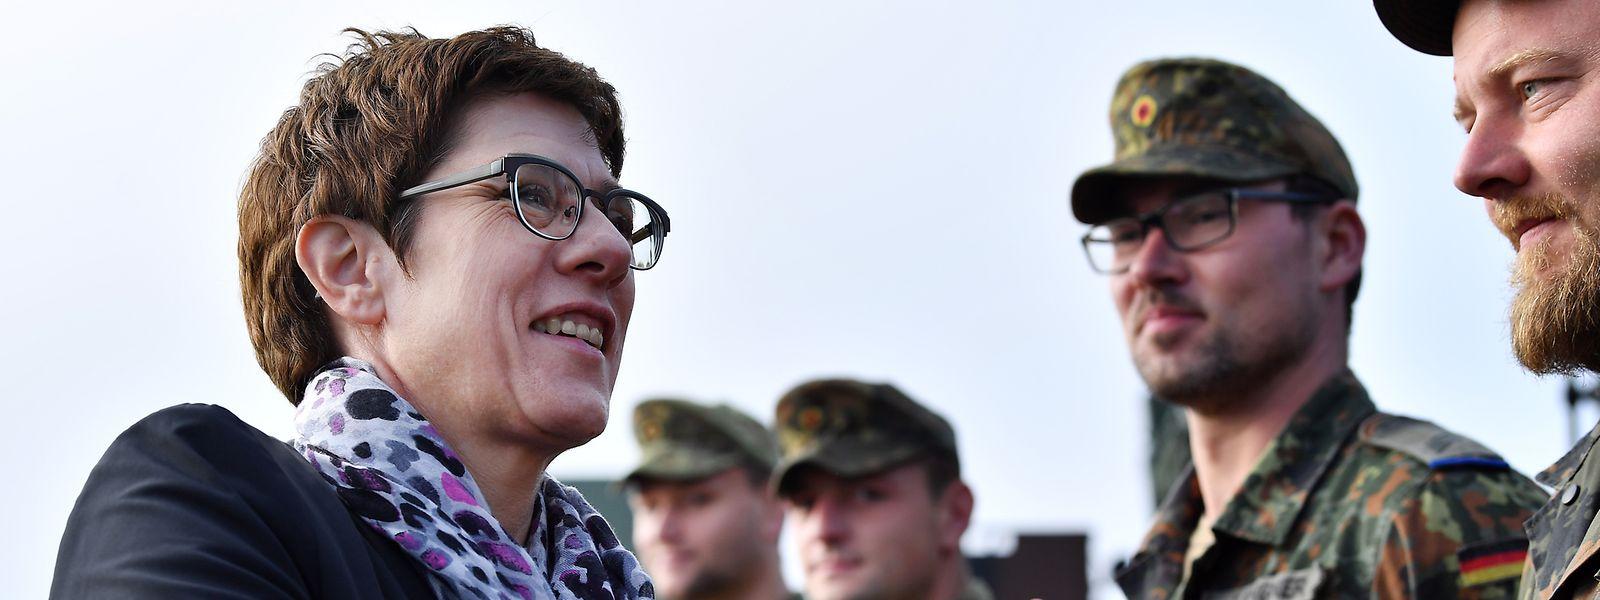 23.10.2019: Annegret Kramp-Karrenbauer (CDU), Bundesministerin der Verteidigung, begrüßt im Rahmen ihres Antrittsbesuches Soldaten in Erfurt.